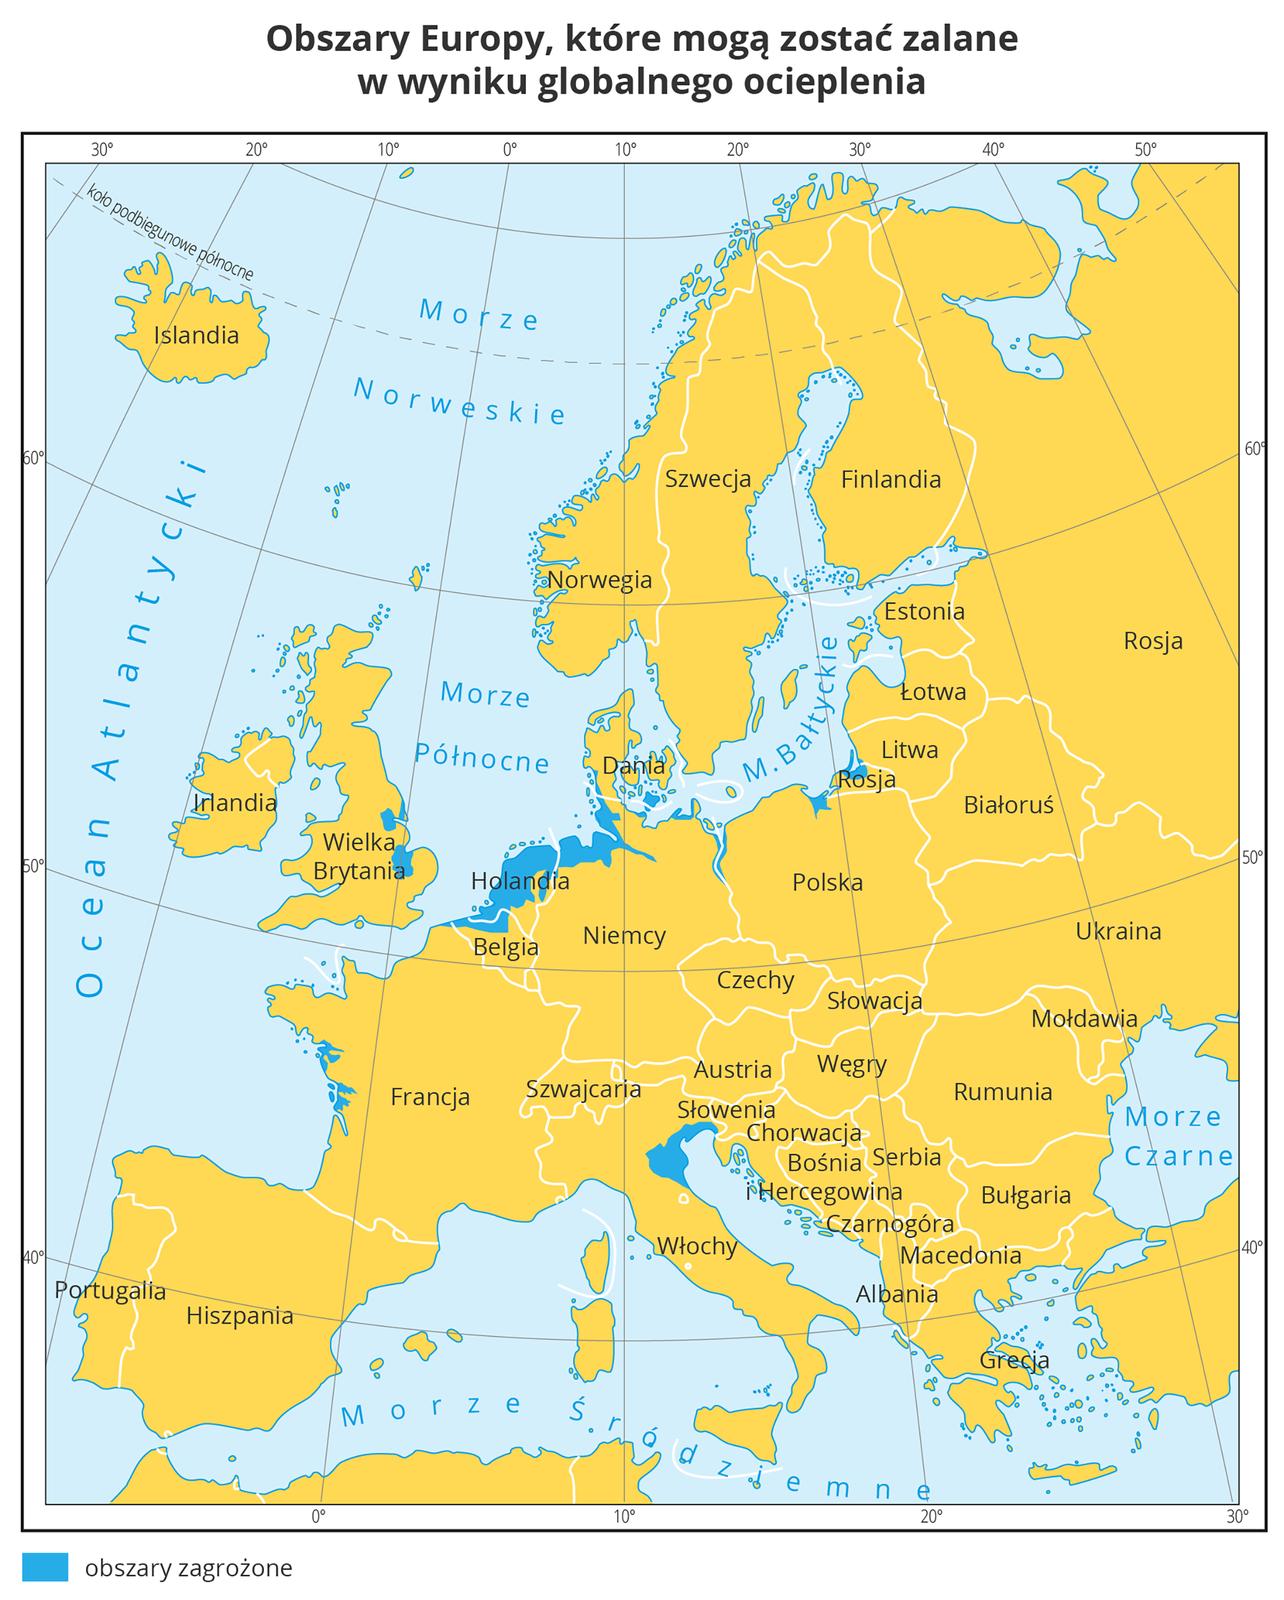 Mapa przedstawia kraje Europy wkolorze żółtym. Na północnych wybrzeżach Rosji, Polski, Niemiec, Holandii, zachodnich Wielkiej Brytanii, wschodnich Francji ipołudniowych wybrzeżach Włoch iSłowenii na niebiesko zaznaczono obszary, które mogą zostać zalane wwyniku globalnego ocieplenia.